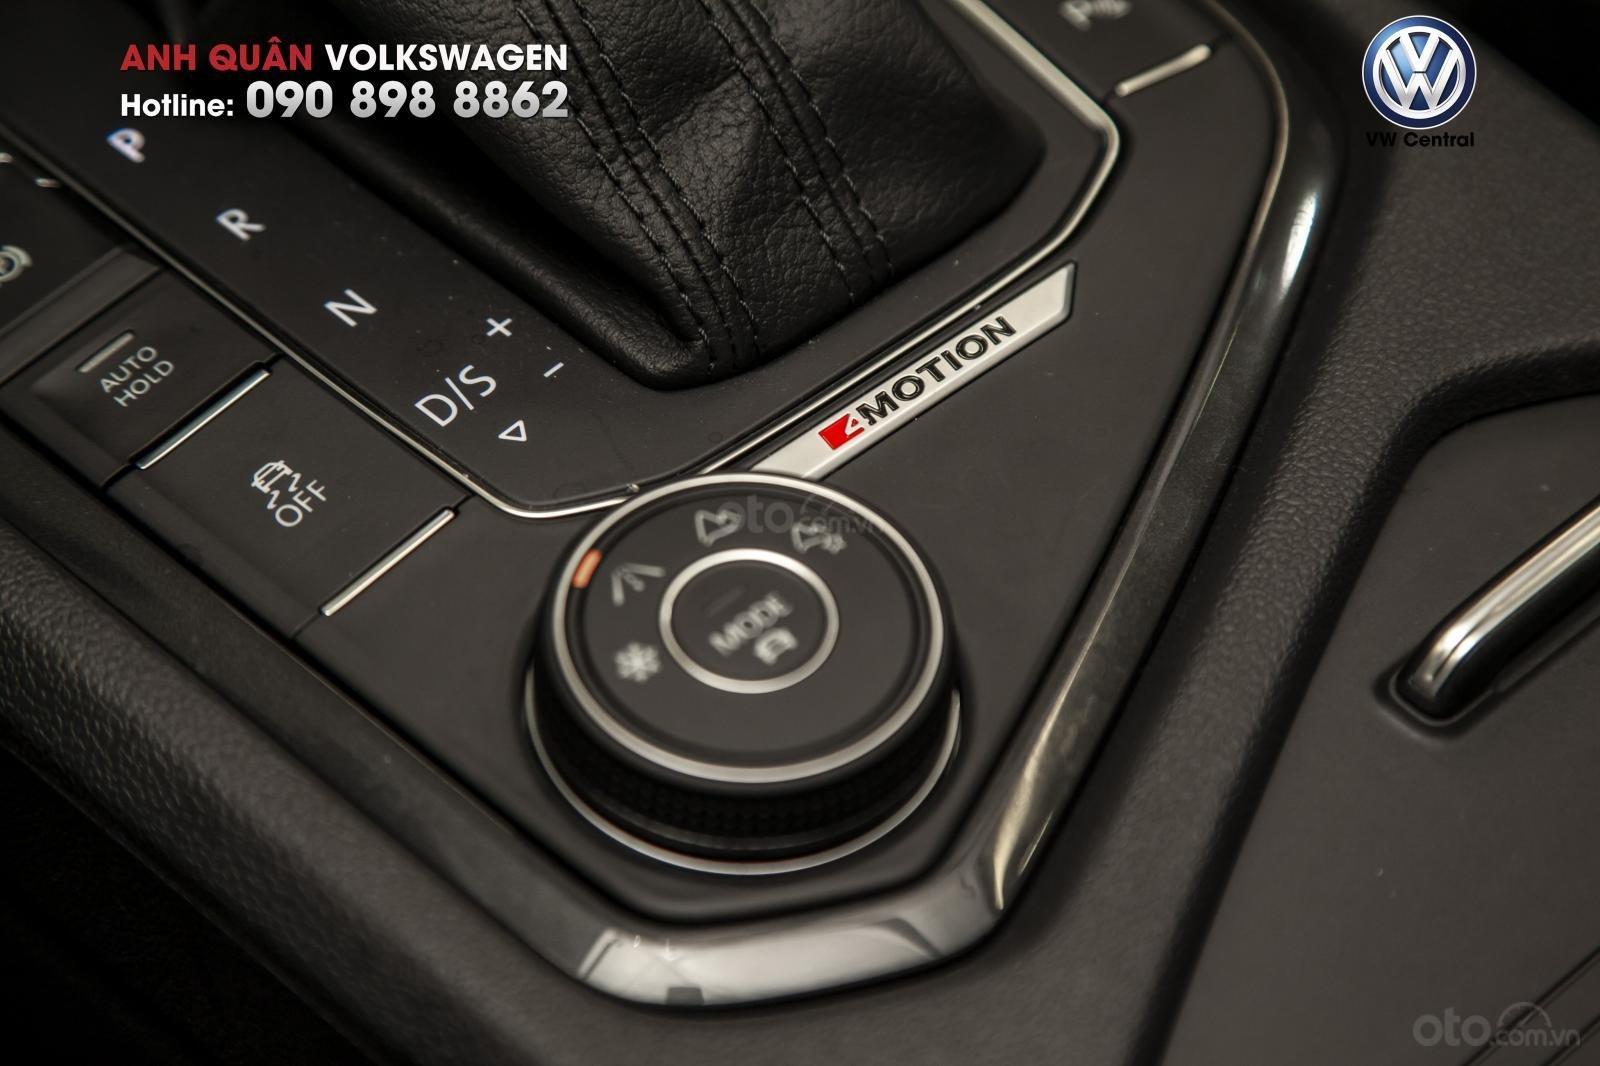 Tiguan Allspace Luxury 2020 - nhập khẩu, đủ màu, giao ngay|Hotline: 090-898-8862 (Anh Quân - VW Sài Gòn) (5)